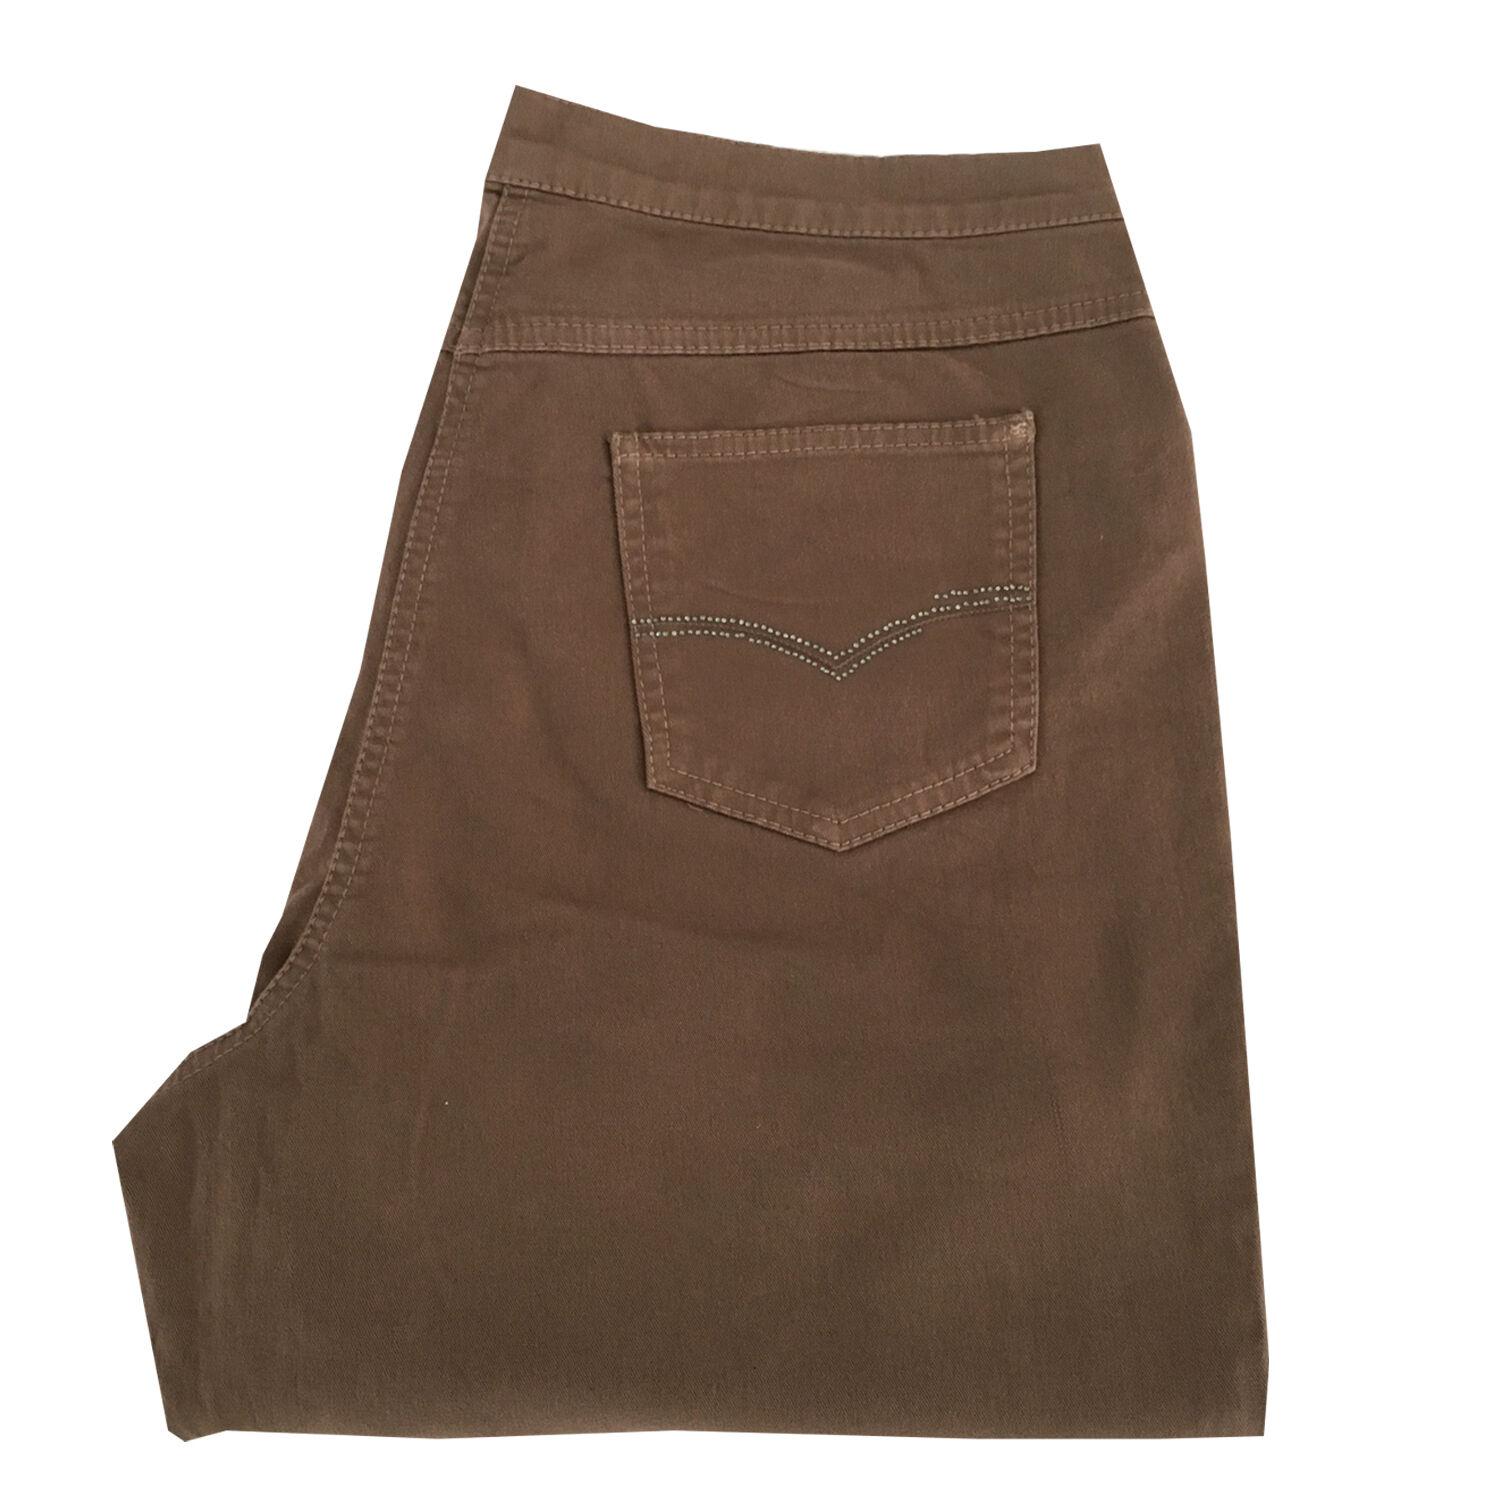 ELENA MIRO' pantalone donna cotone invernale biscotto con strass su tasche